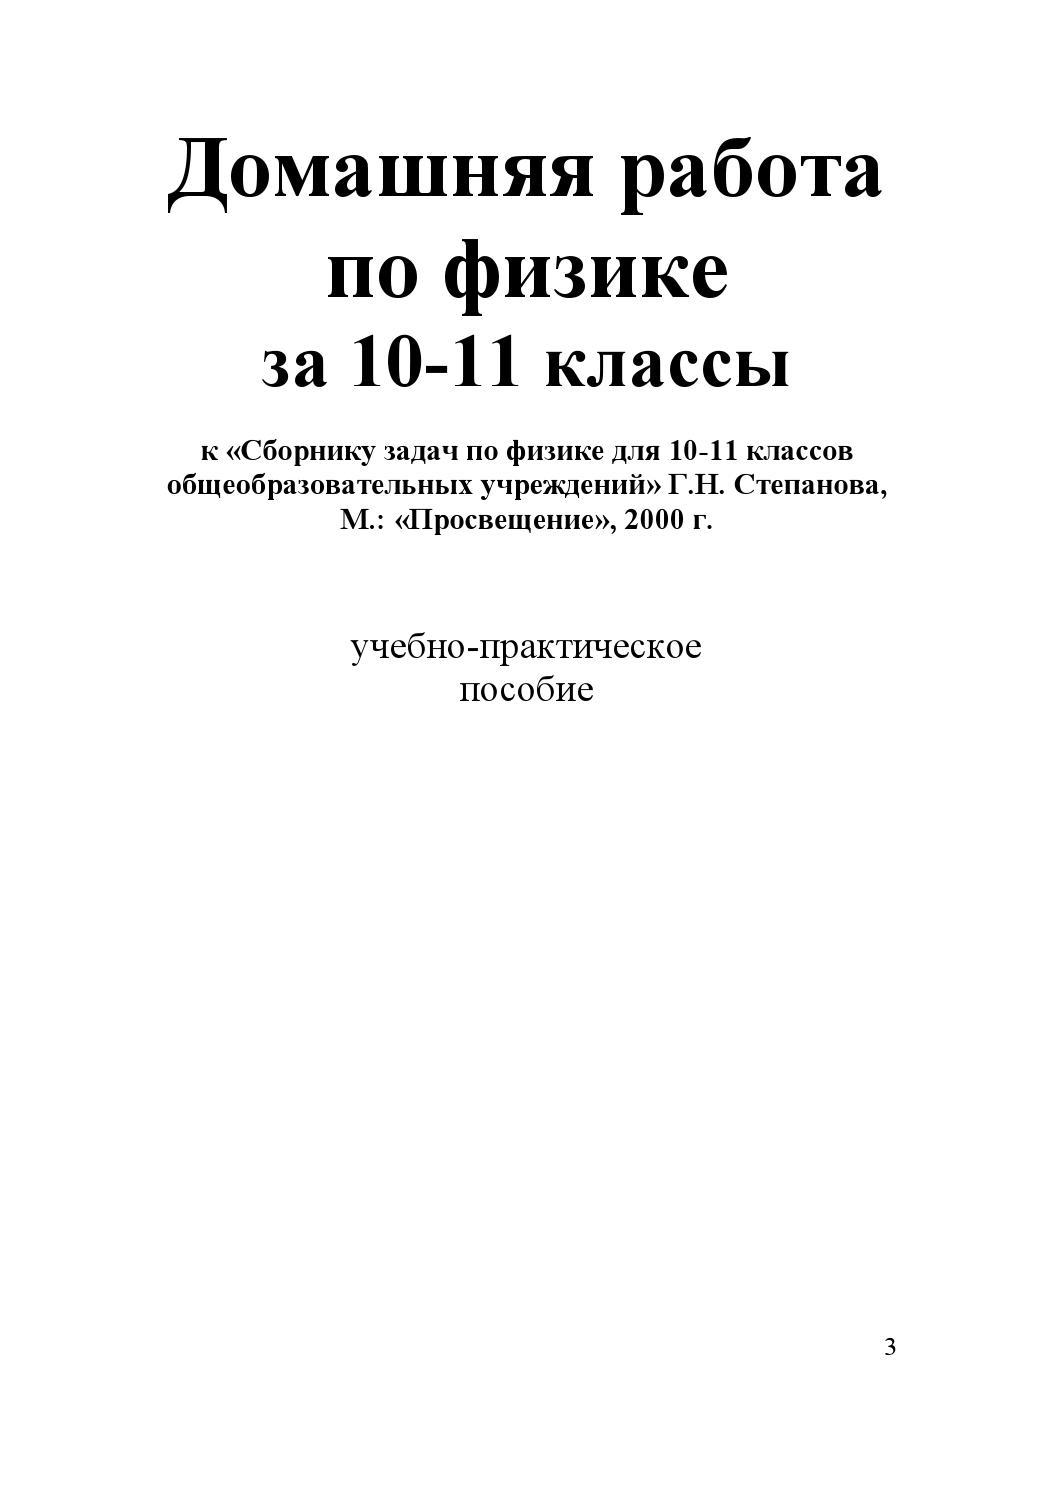 pdf скачать решебник степанова